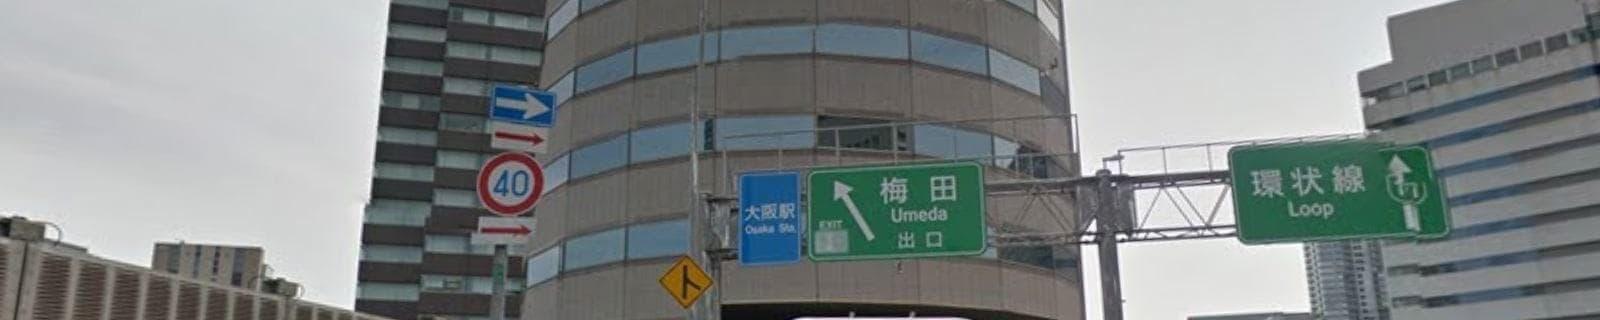 Edifício Gate Tower no Japão